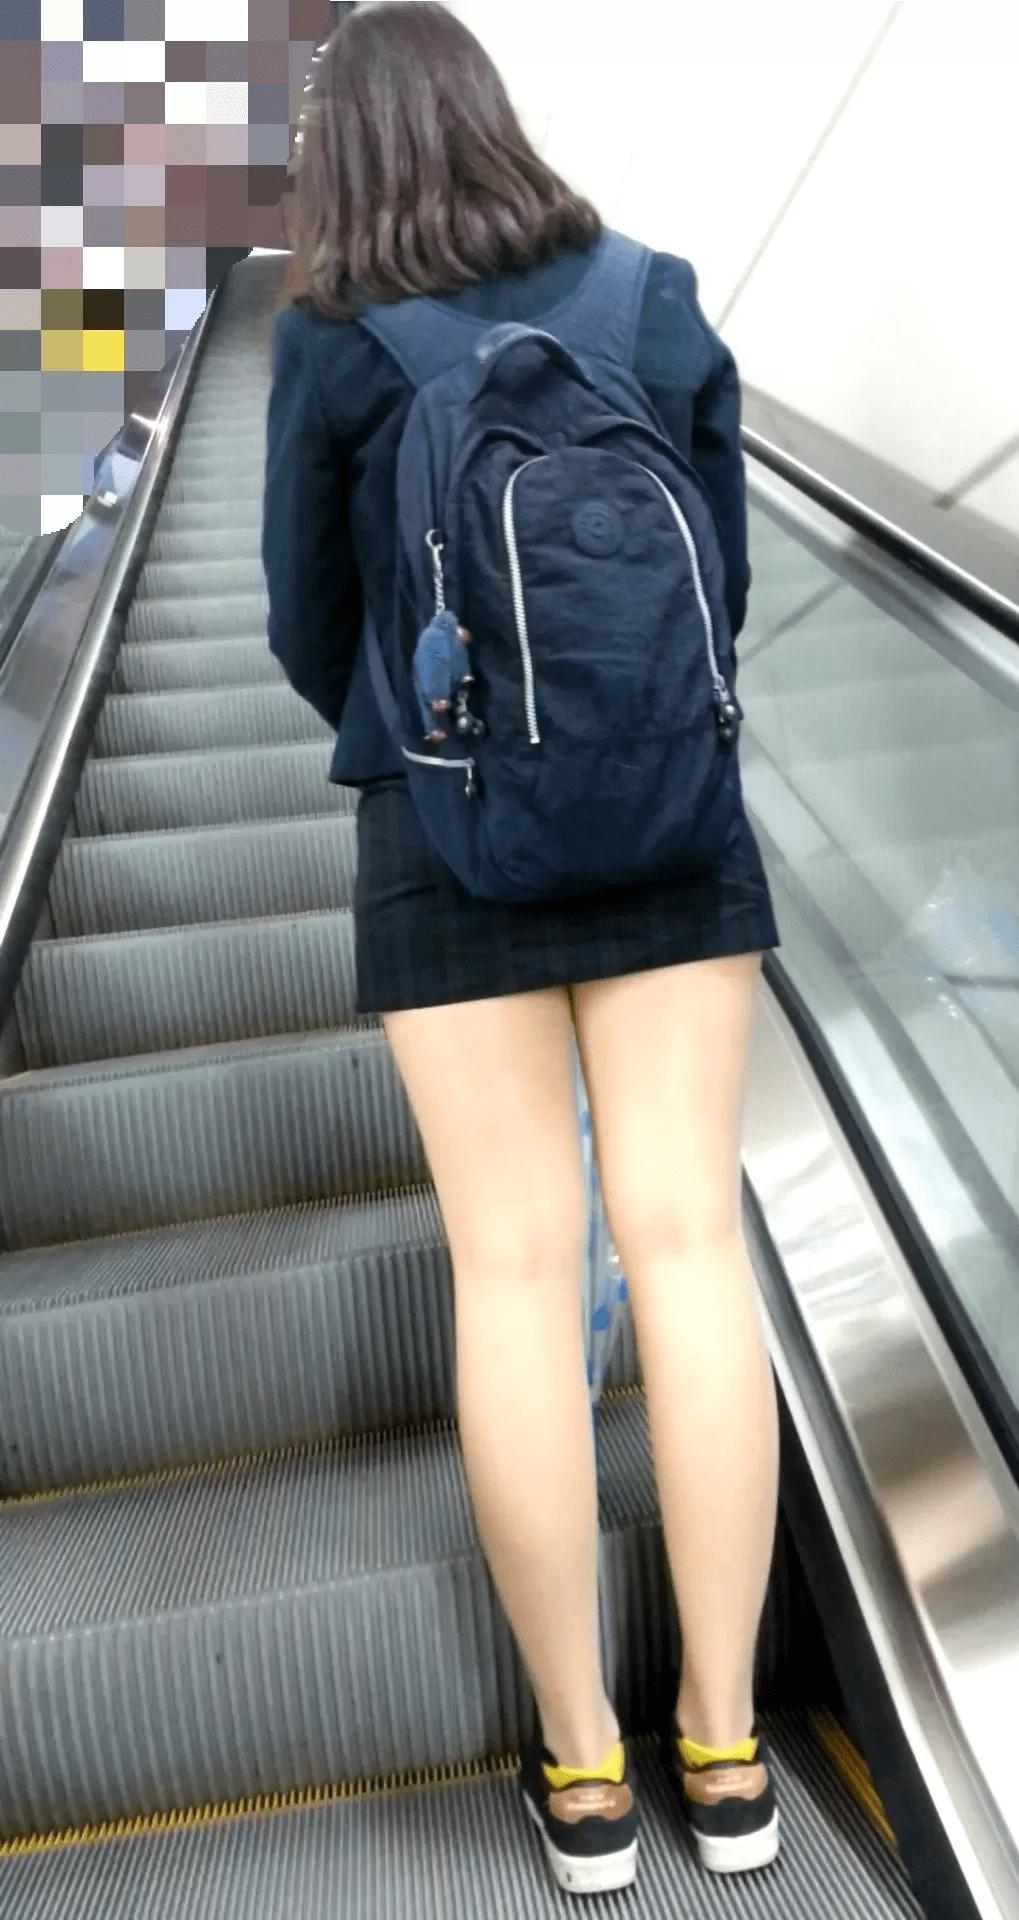 img 5fa647e1f3376 - 【画像】君は韓国JKのエロさを知ってるかい?